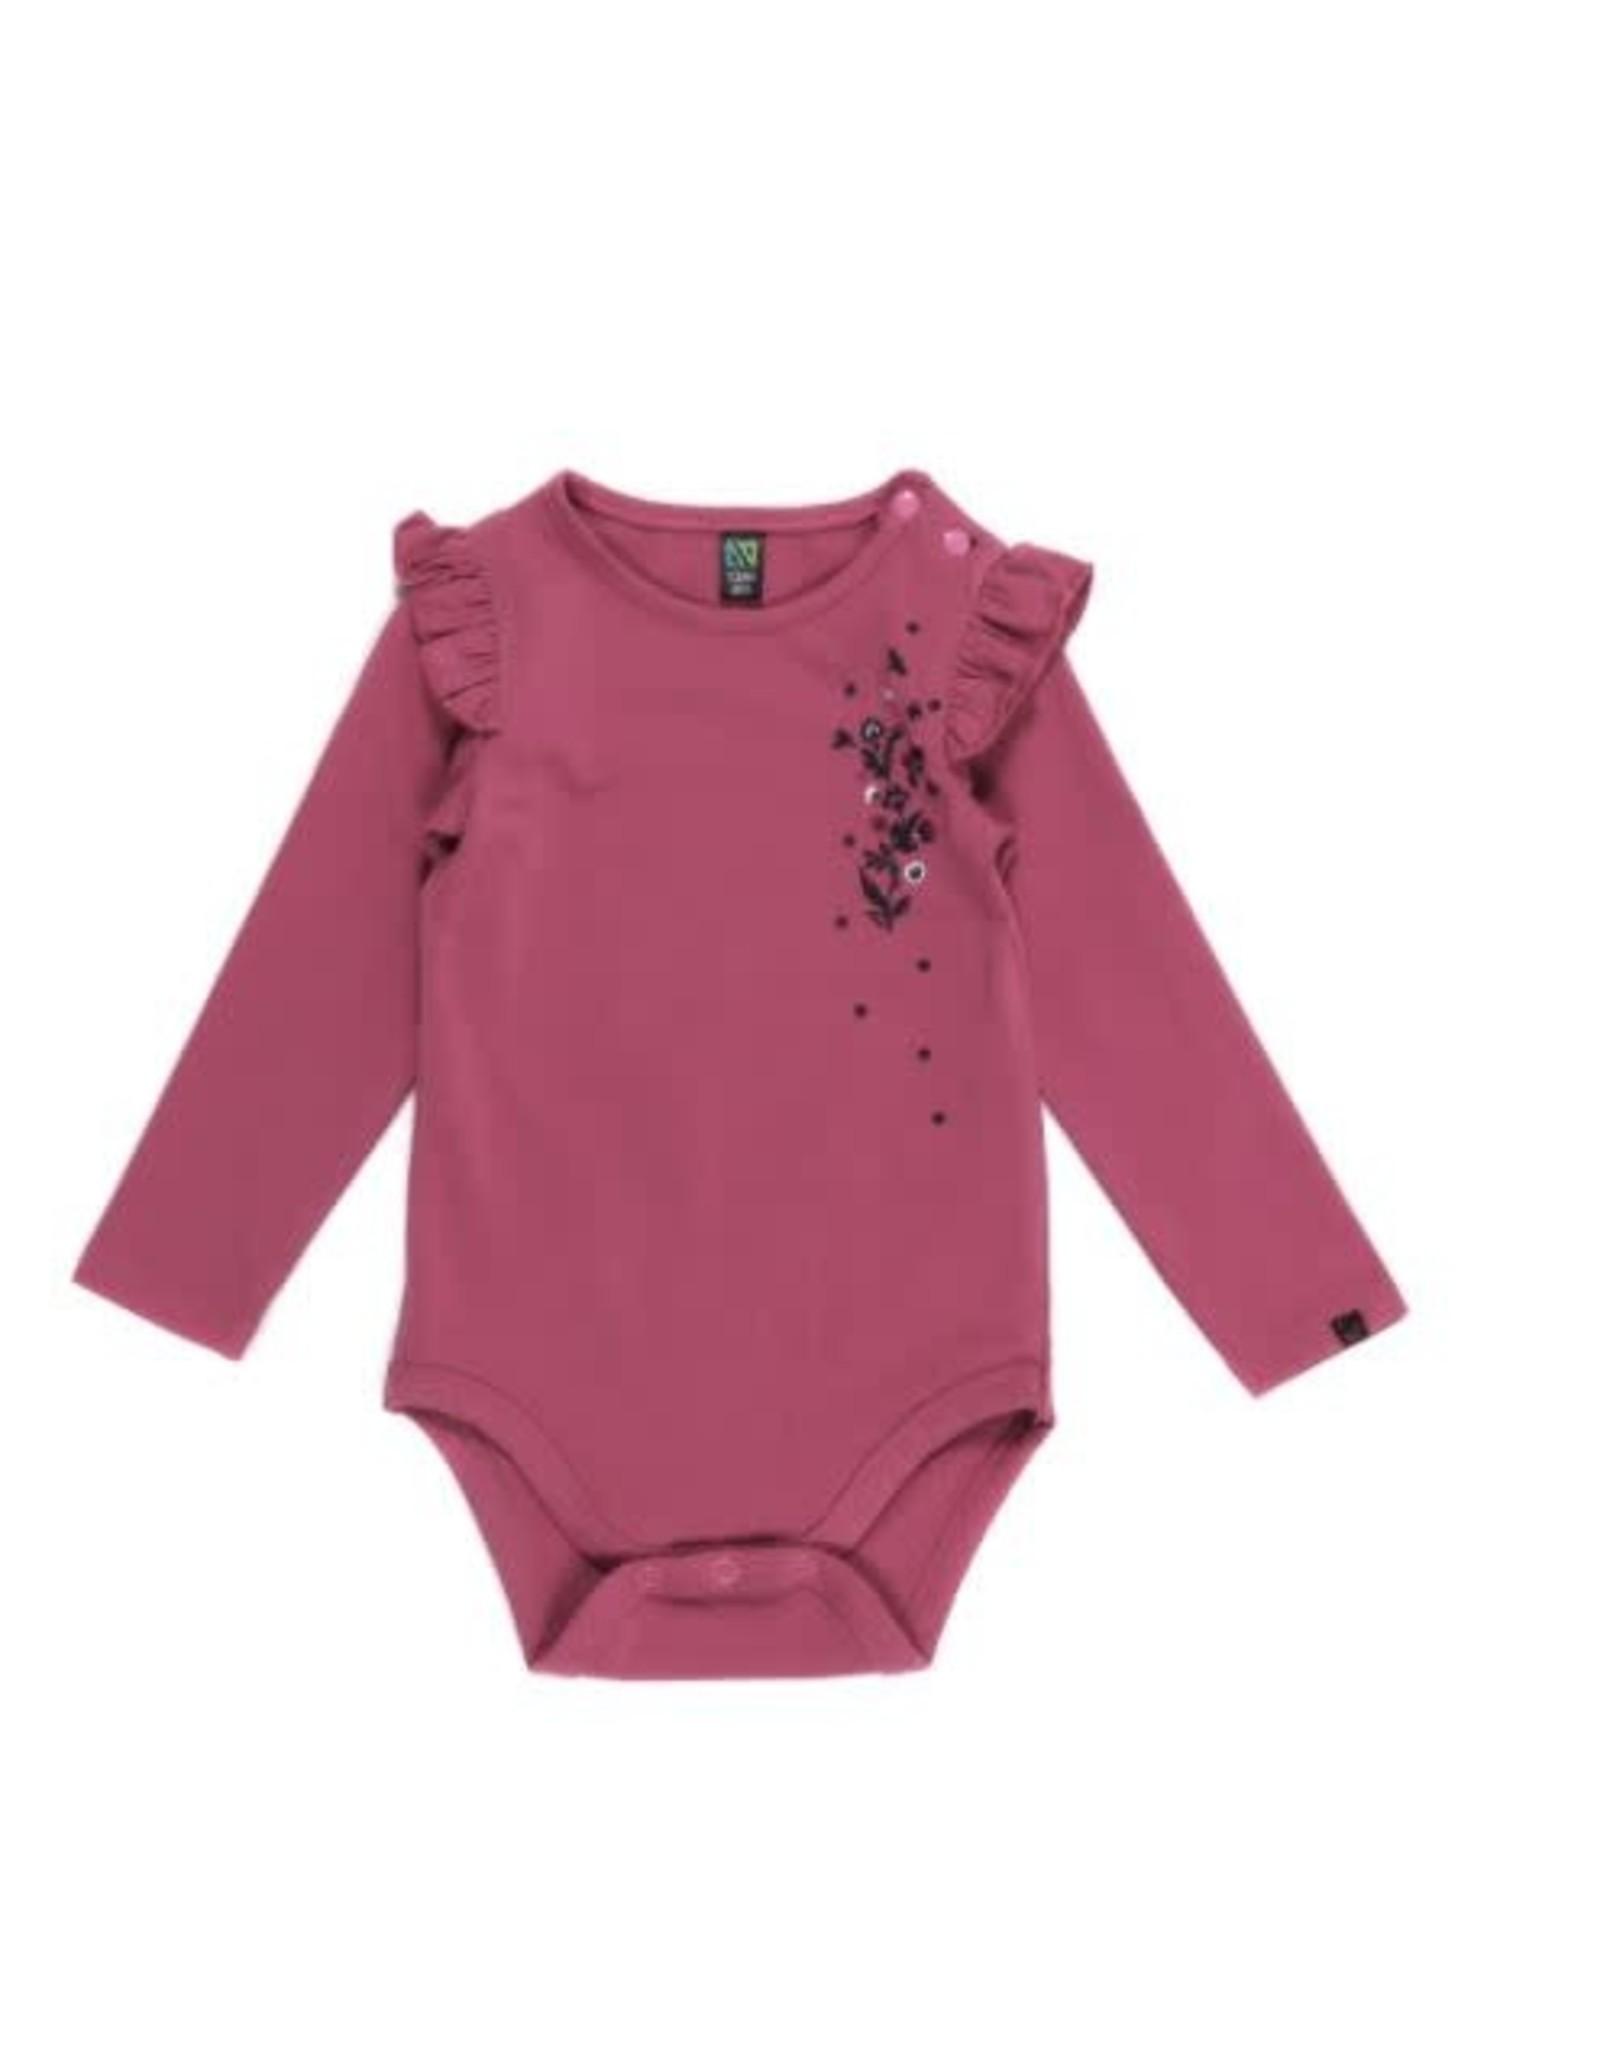 Noruk Pink Rose Bodysuit with Ruffle